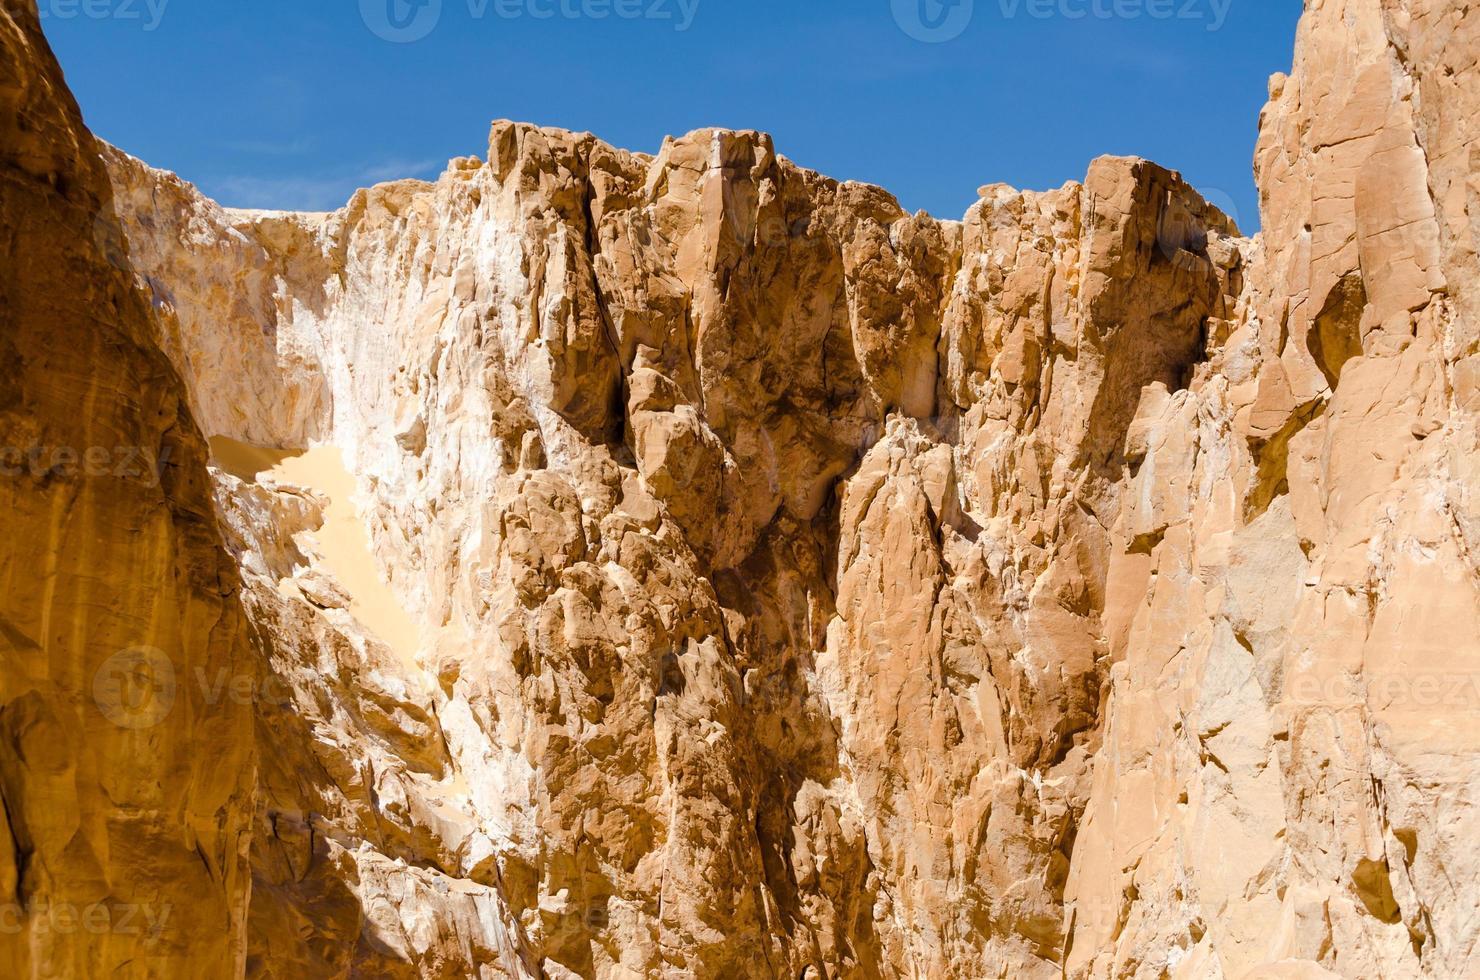 montañas altas y afiladas foto